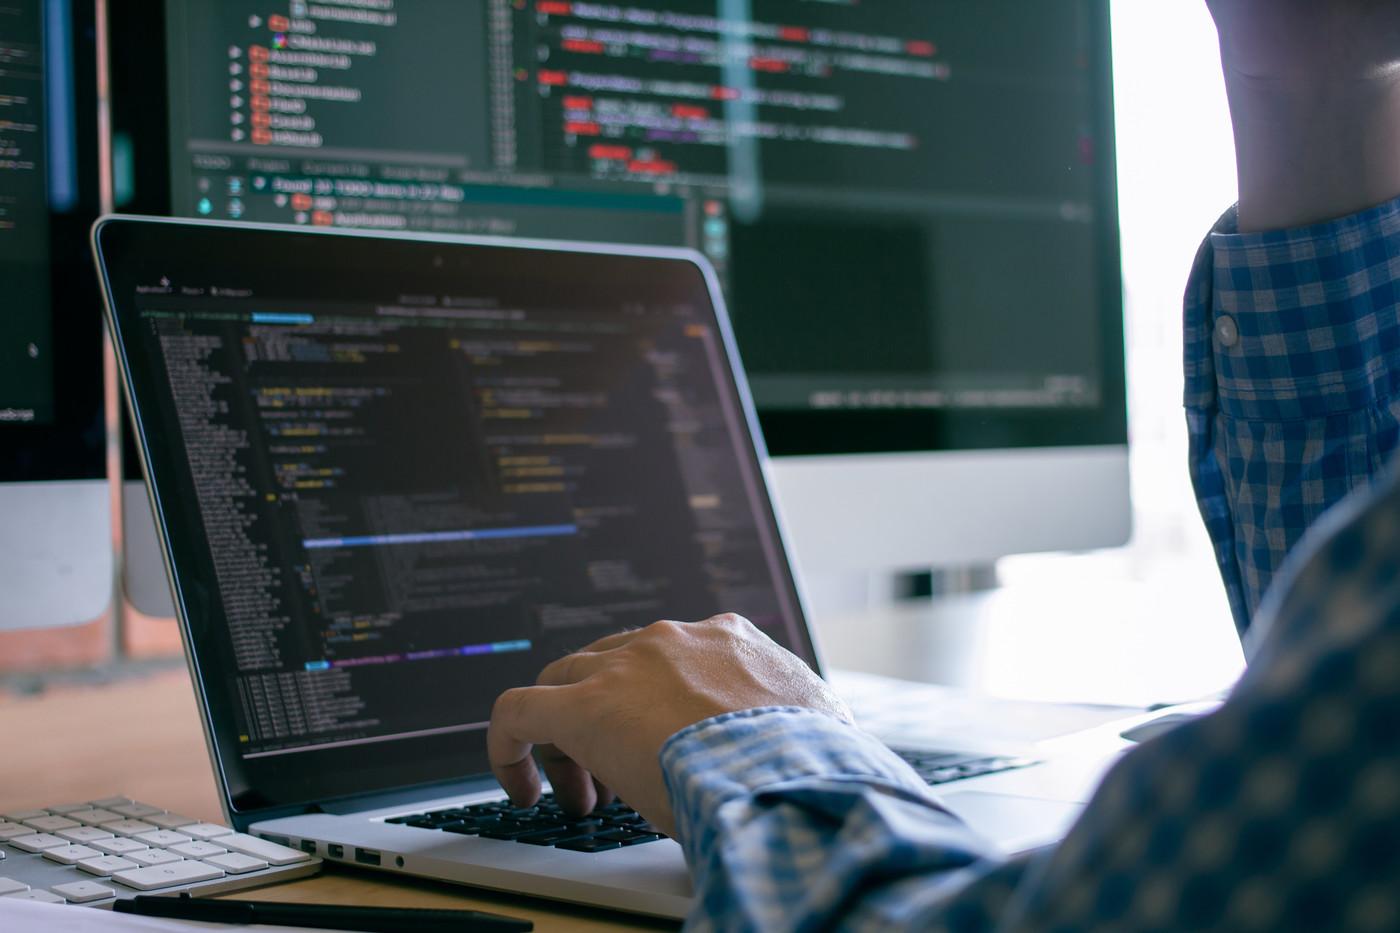 Développement Web, Multimédia et Créativité Numérique